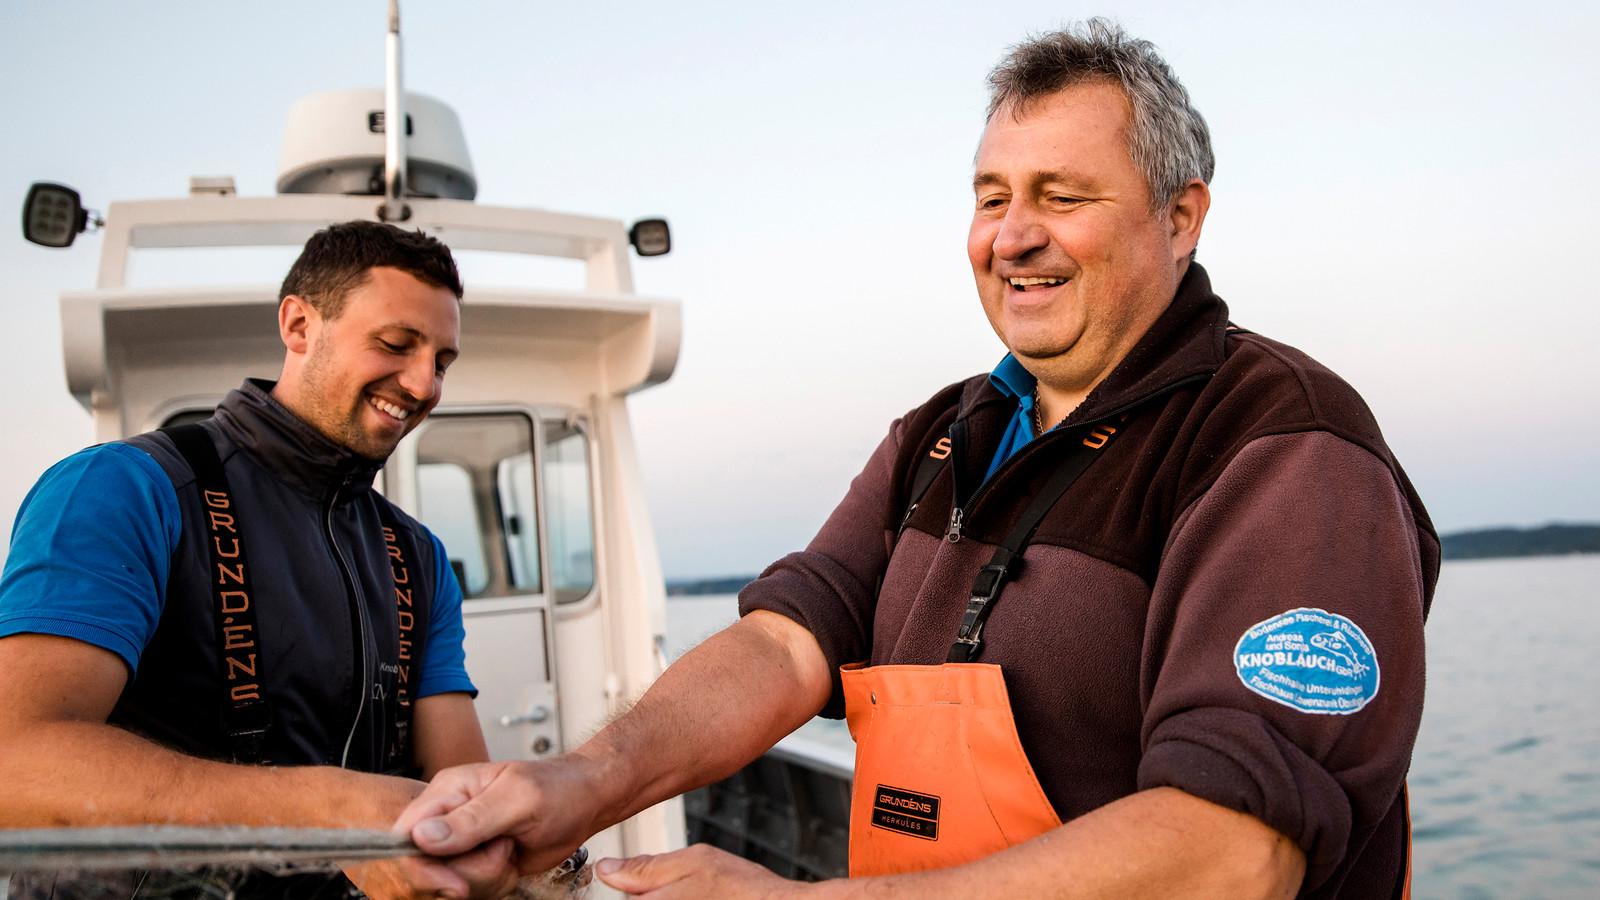 Marco und Andreas Knoblauch von der Fischerei Knoblauch widmen sich dem traditionellen Fischfang im Bodensee.